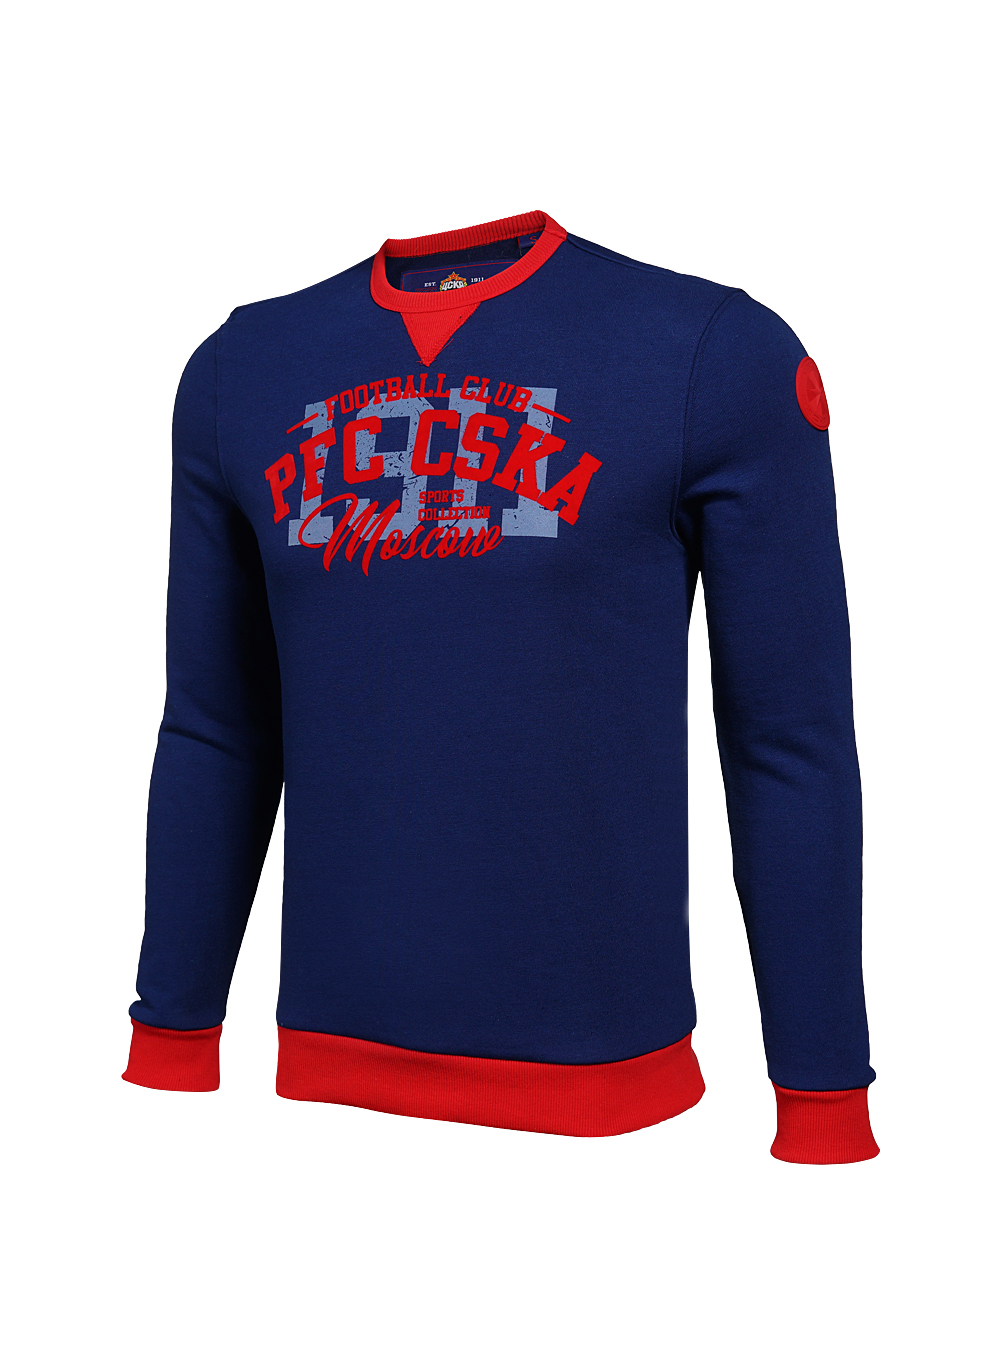 Купить Свитшот мужской PFC CSKA, цвет синий (L) по Нижнему Новгороду